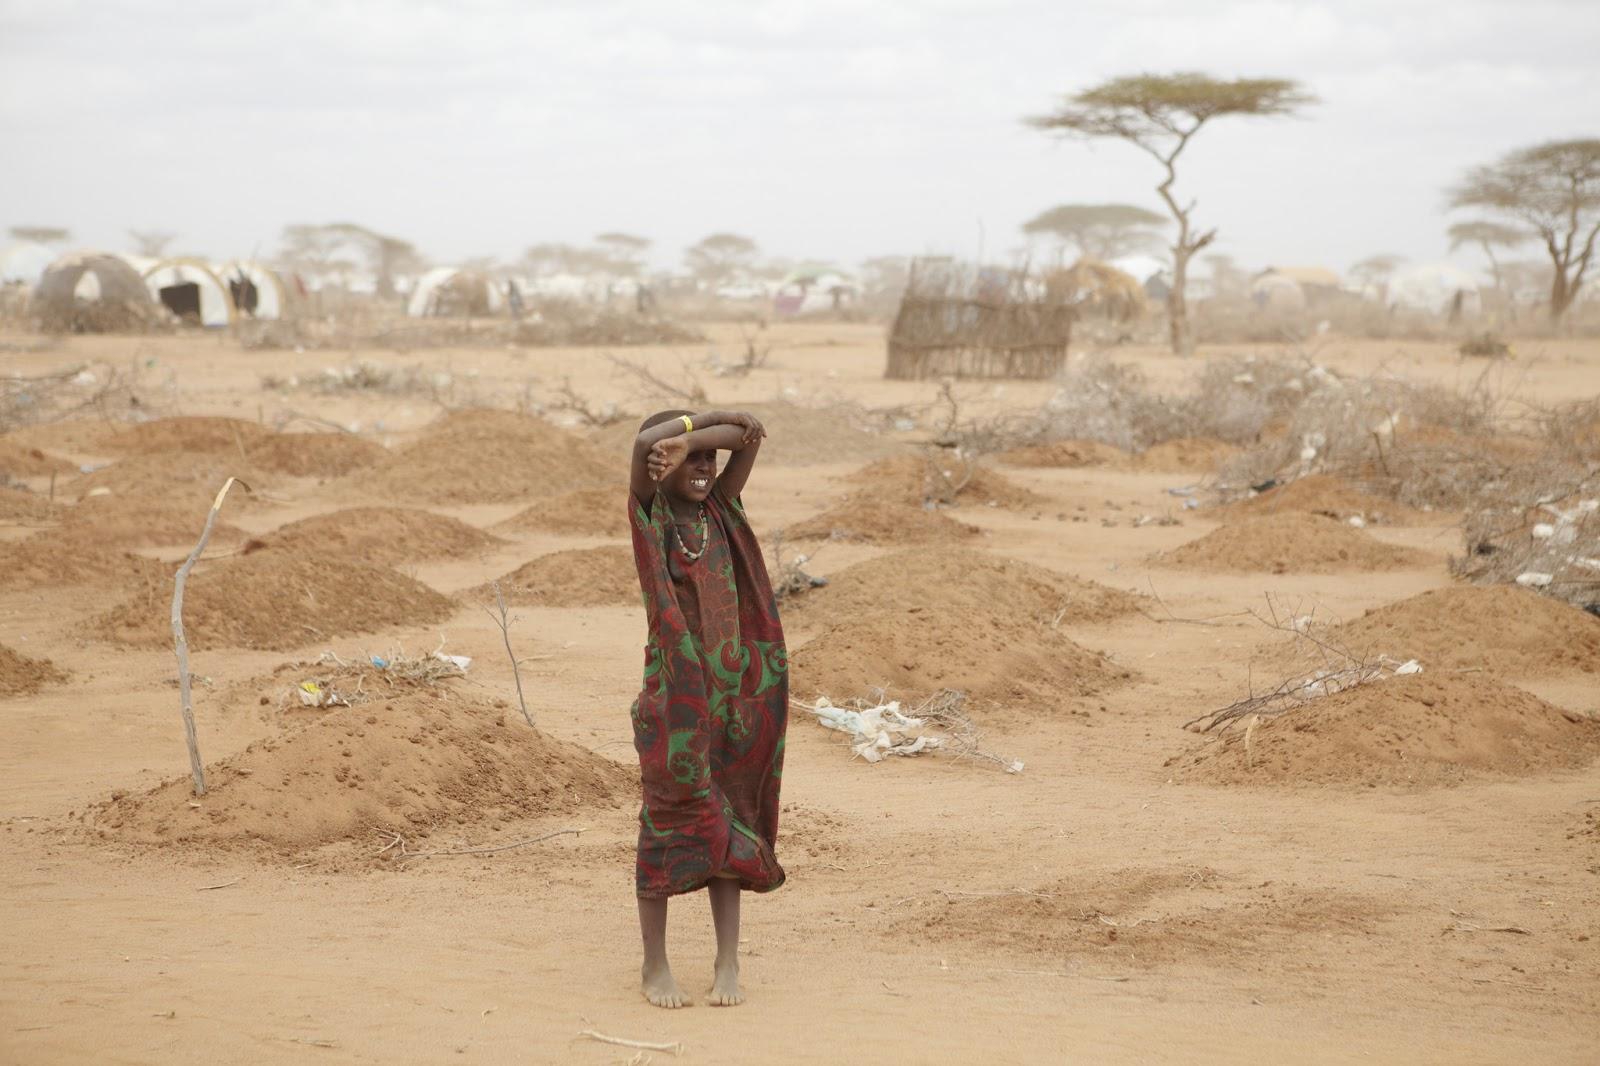 Une jeune fille au milieu des tombes de 70 enfants, pour la plupart morts de malnutrition dans le camp de réfugiés de Dabaab. Crédit : Wikimédia.